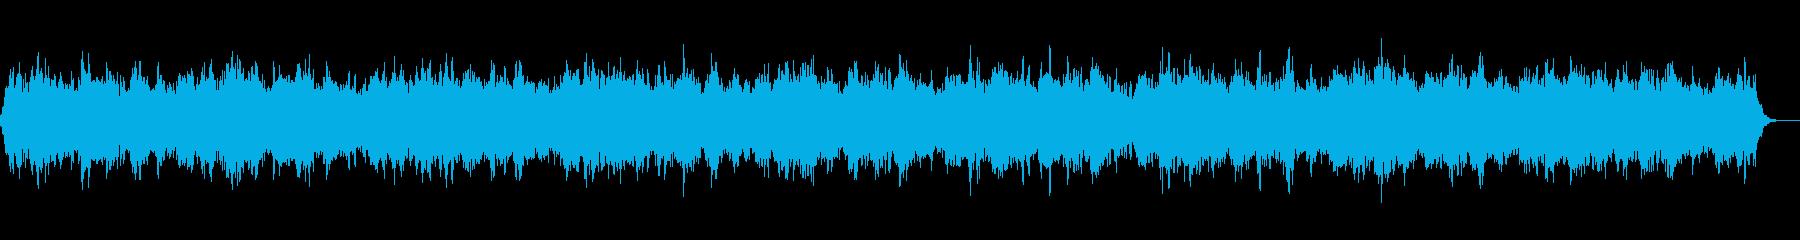 聖なるクリスマスをイメージしたBGMの再生済みの波形